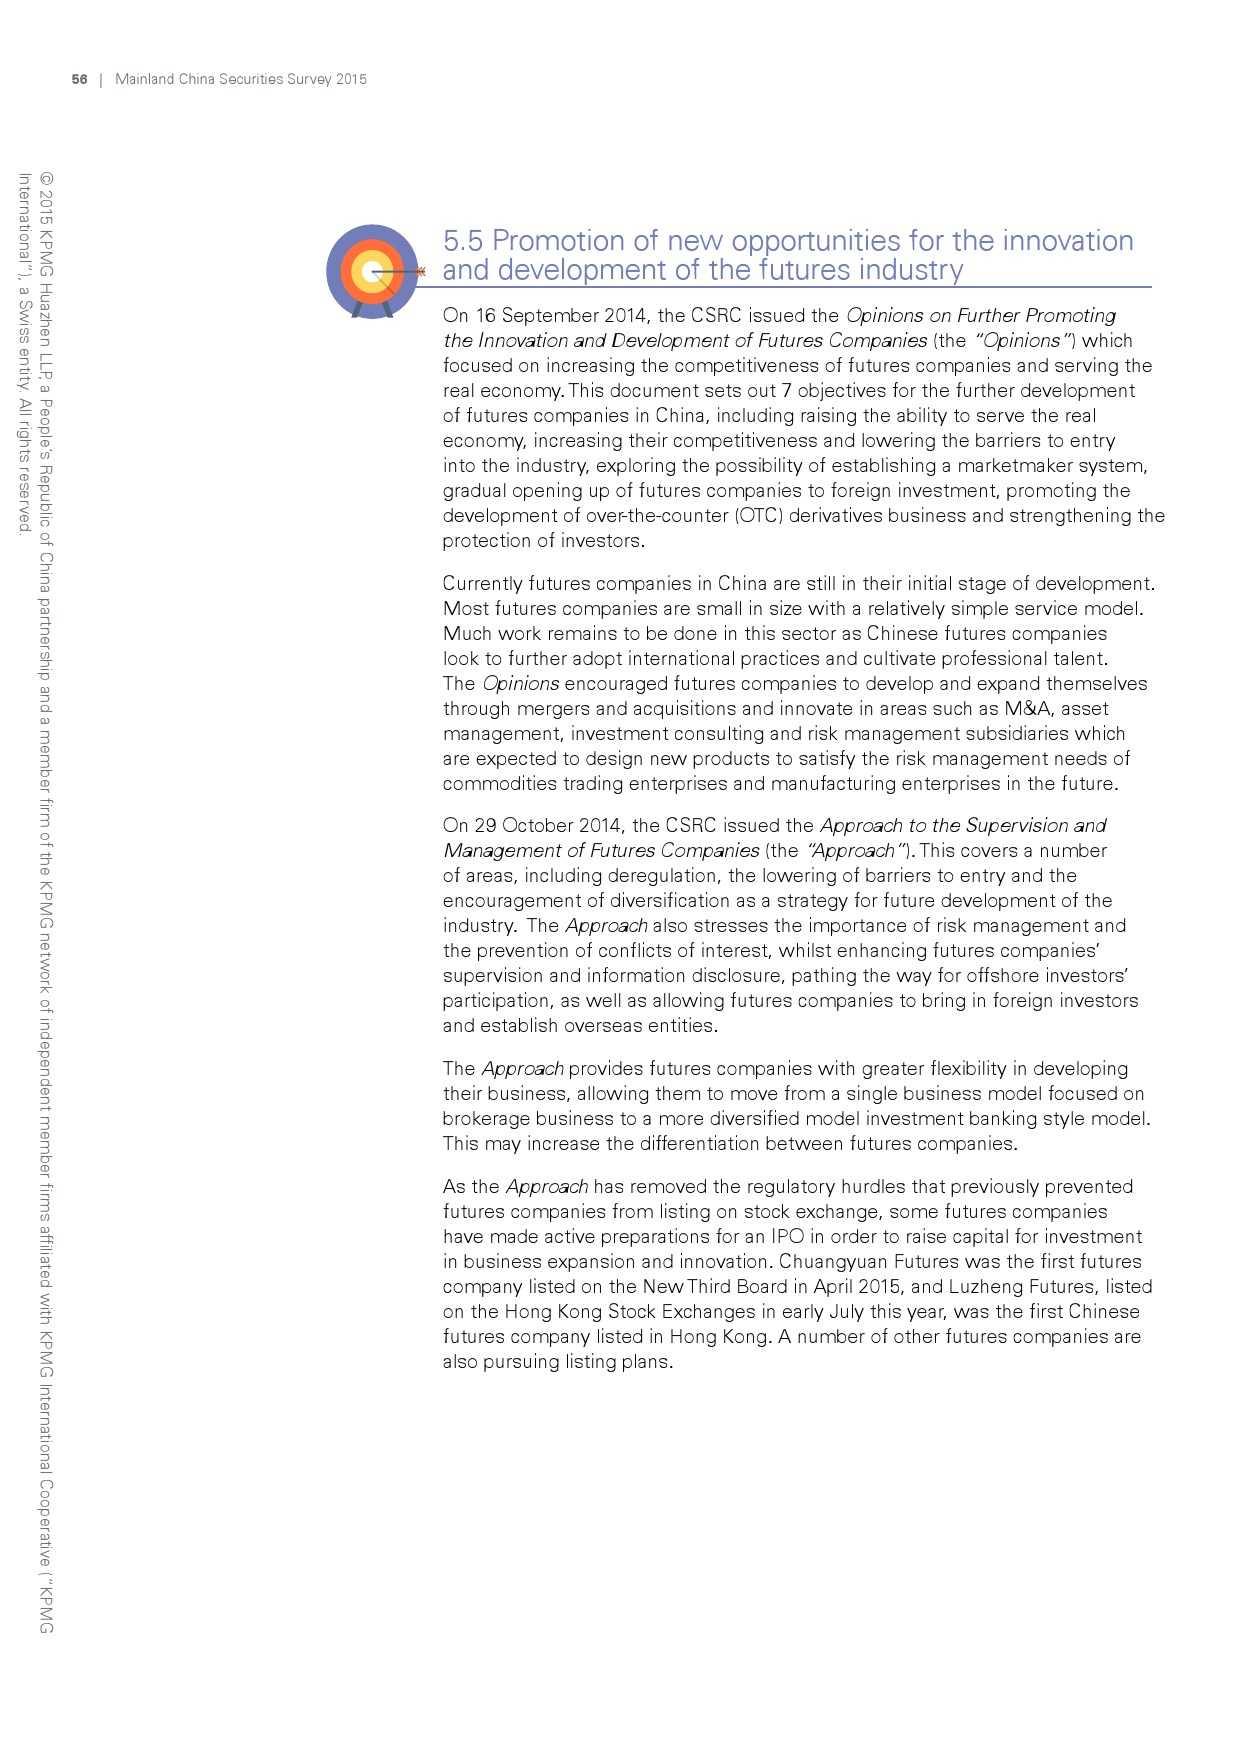 毕马威:2015年中国证券业调查报告_000058